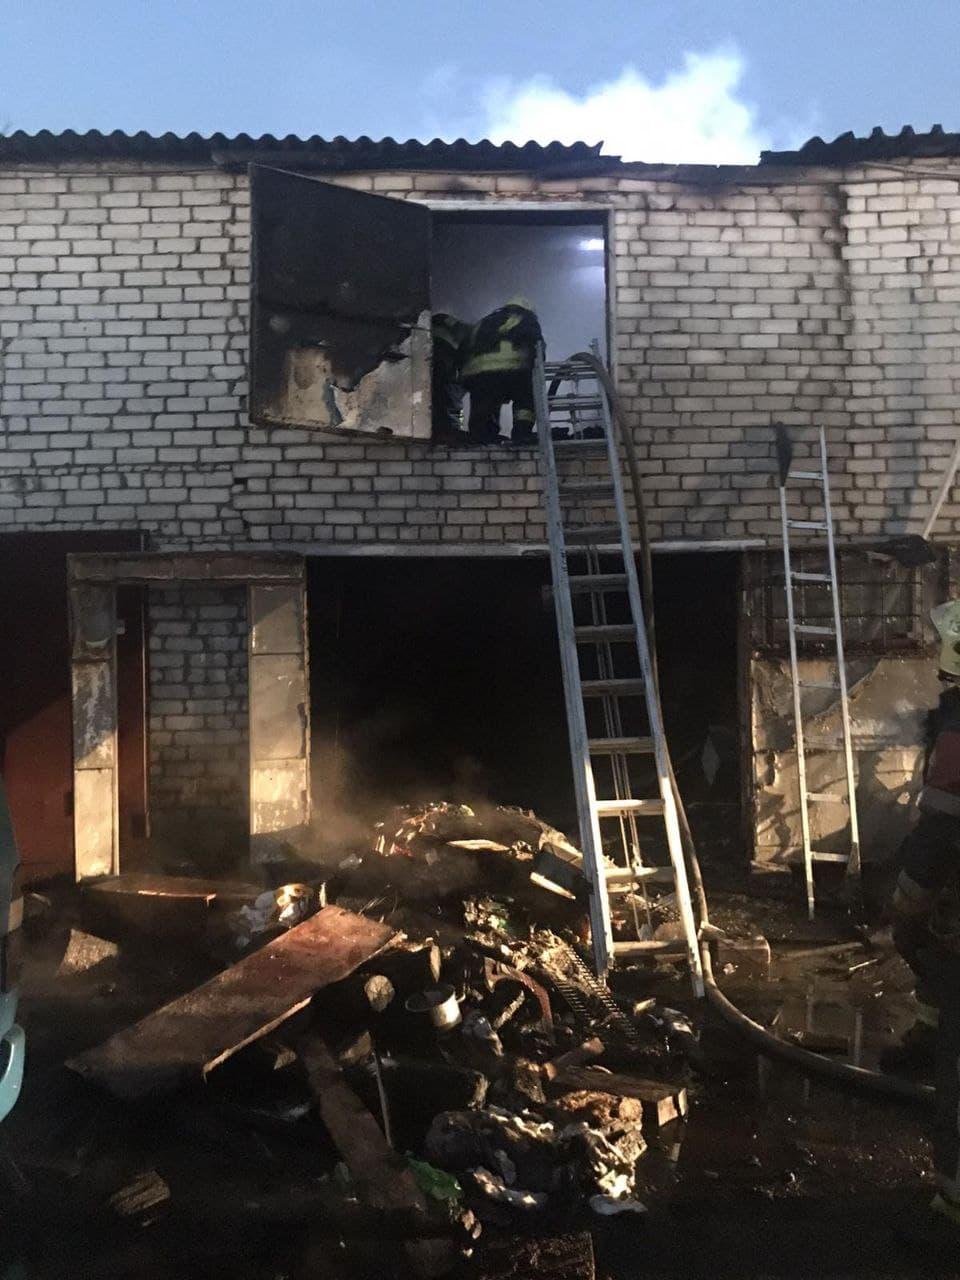 У Києві скоєно 80 крадіжок за добу - тяжкі тілесні ушкодження, пожежники, крадіжка, загоряння, Грабіж - photo 2020 12 07 08 48 26